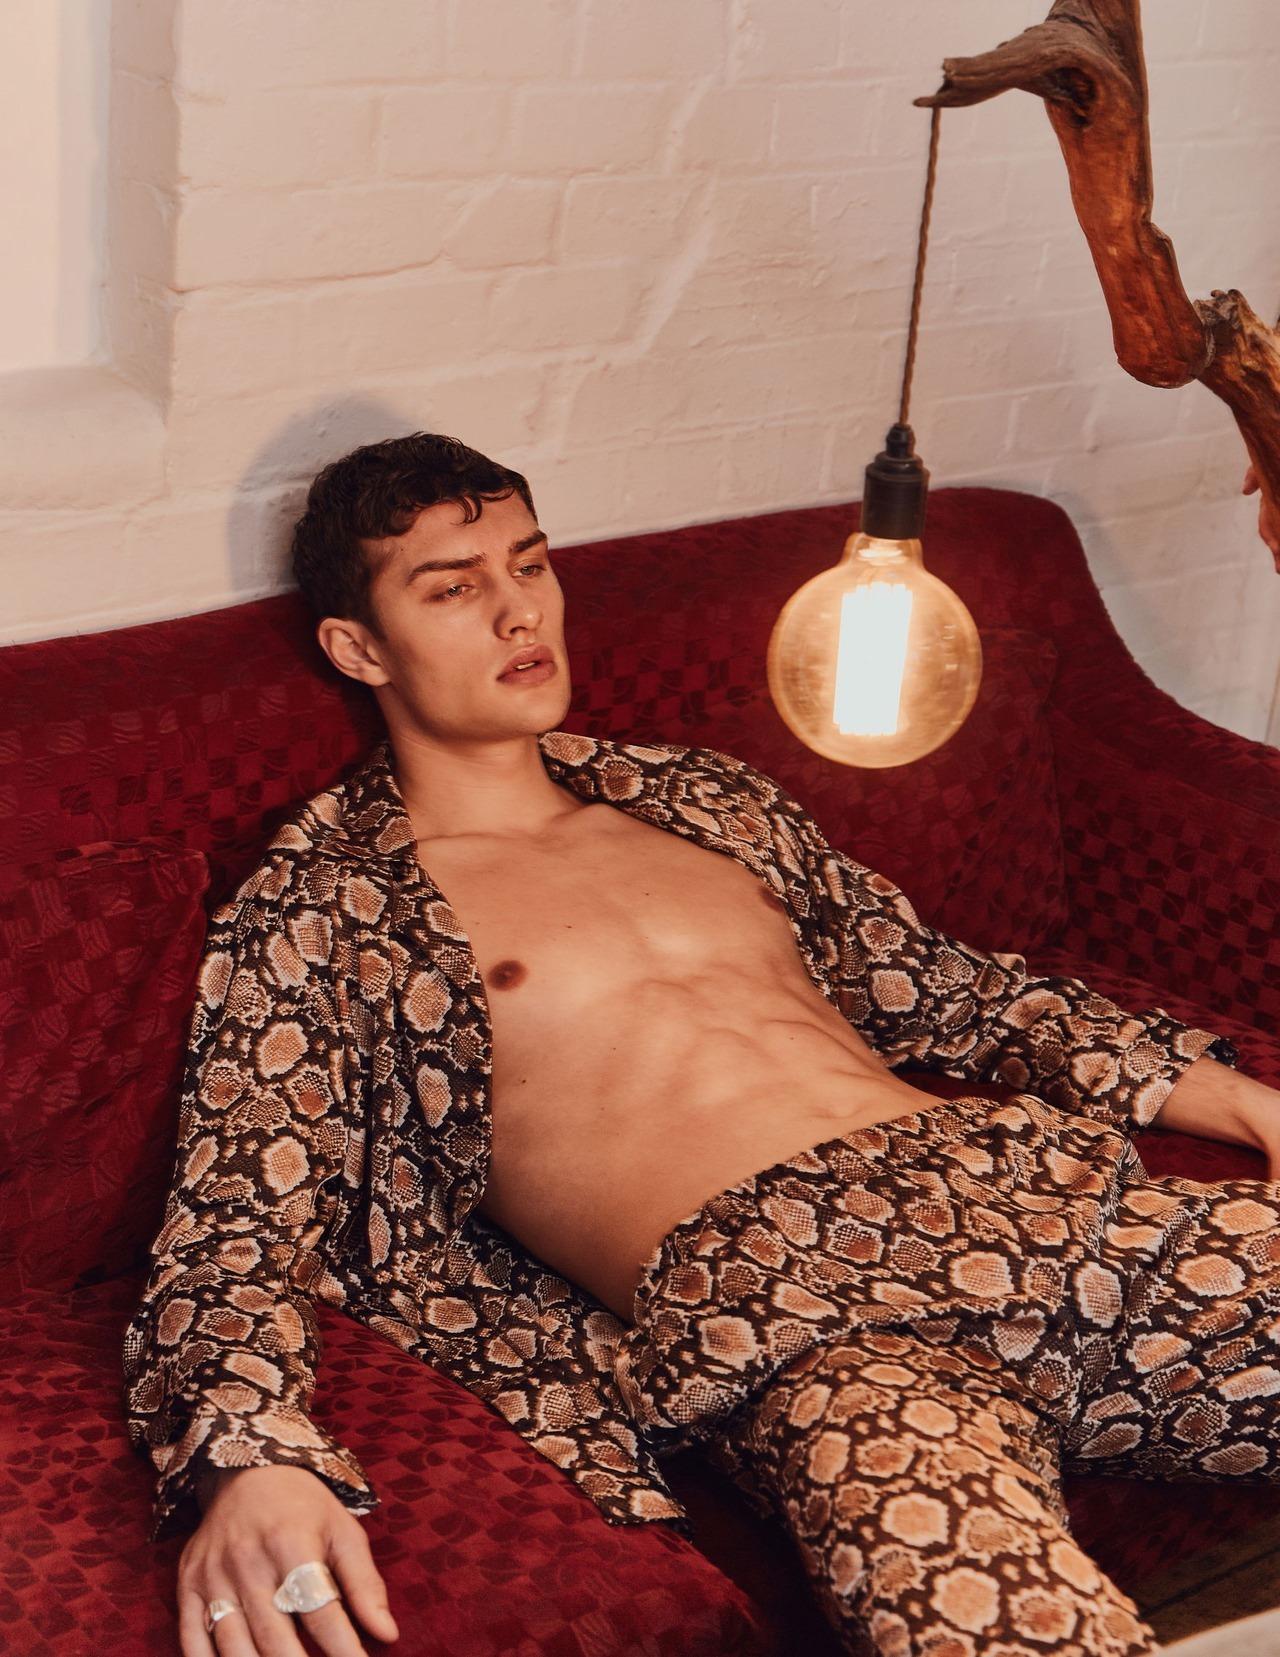 Ana Alonso Desnuda desnudo paul strumtom buck – image amplified